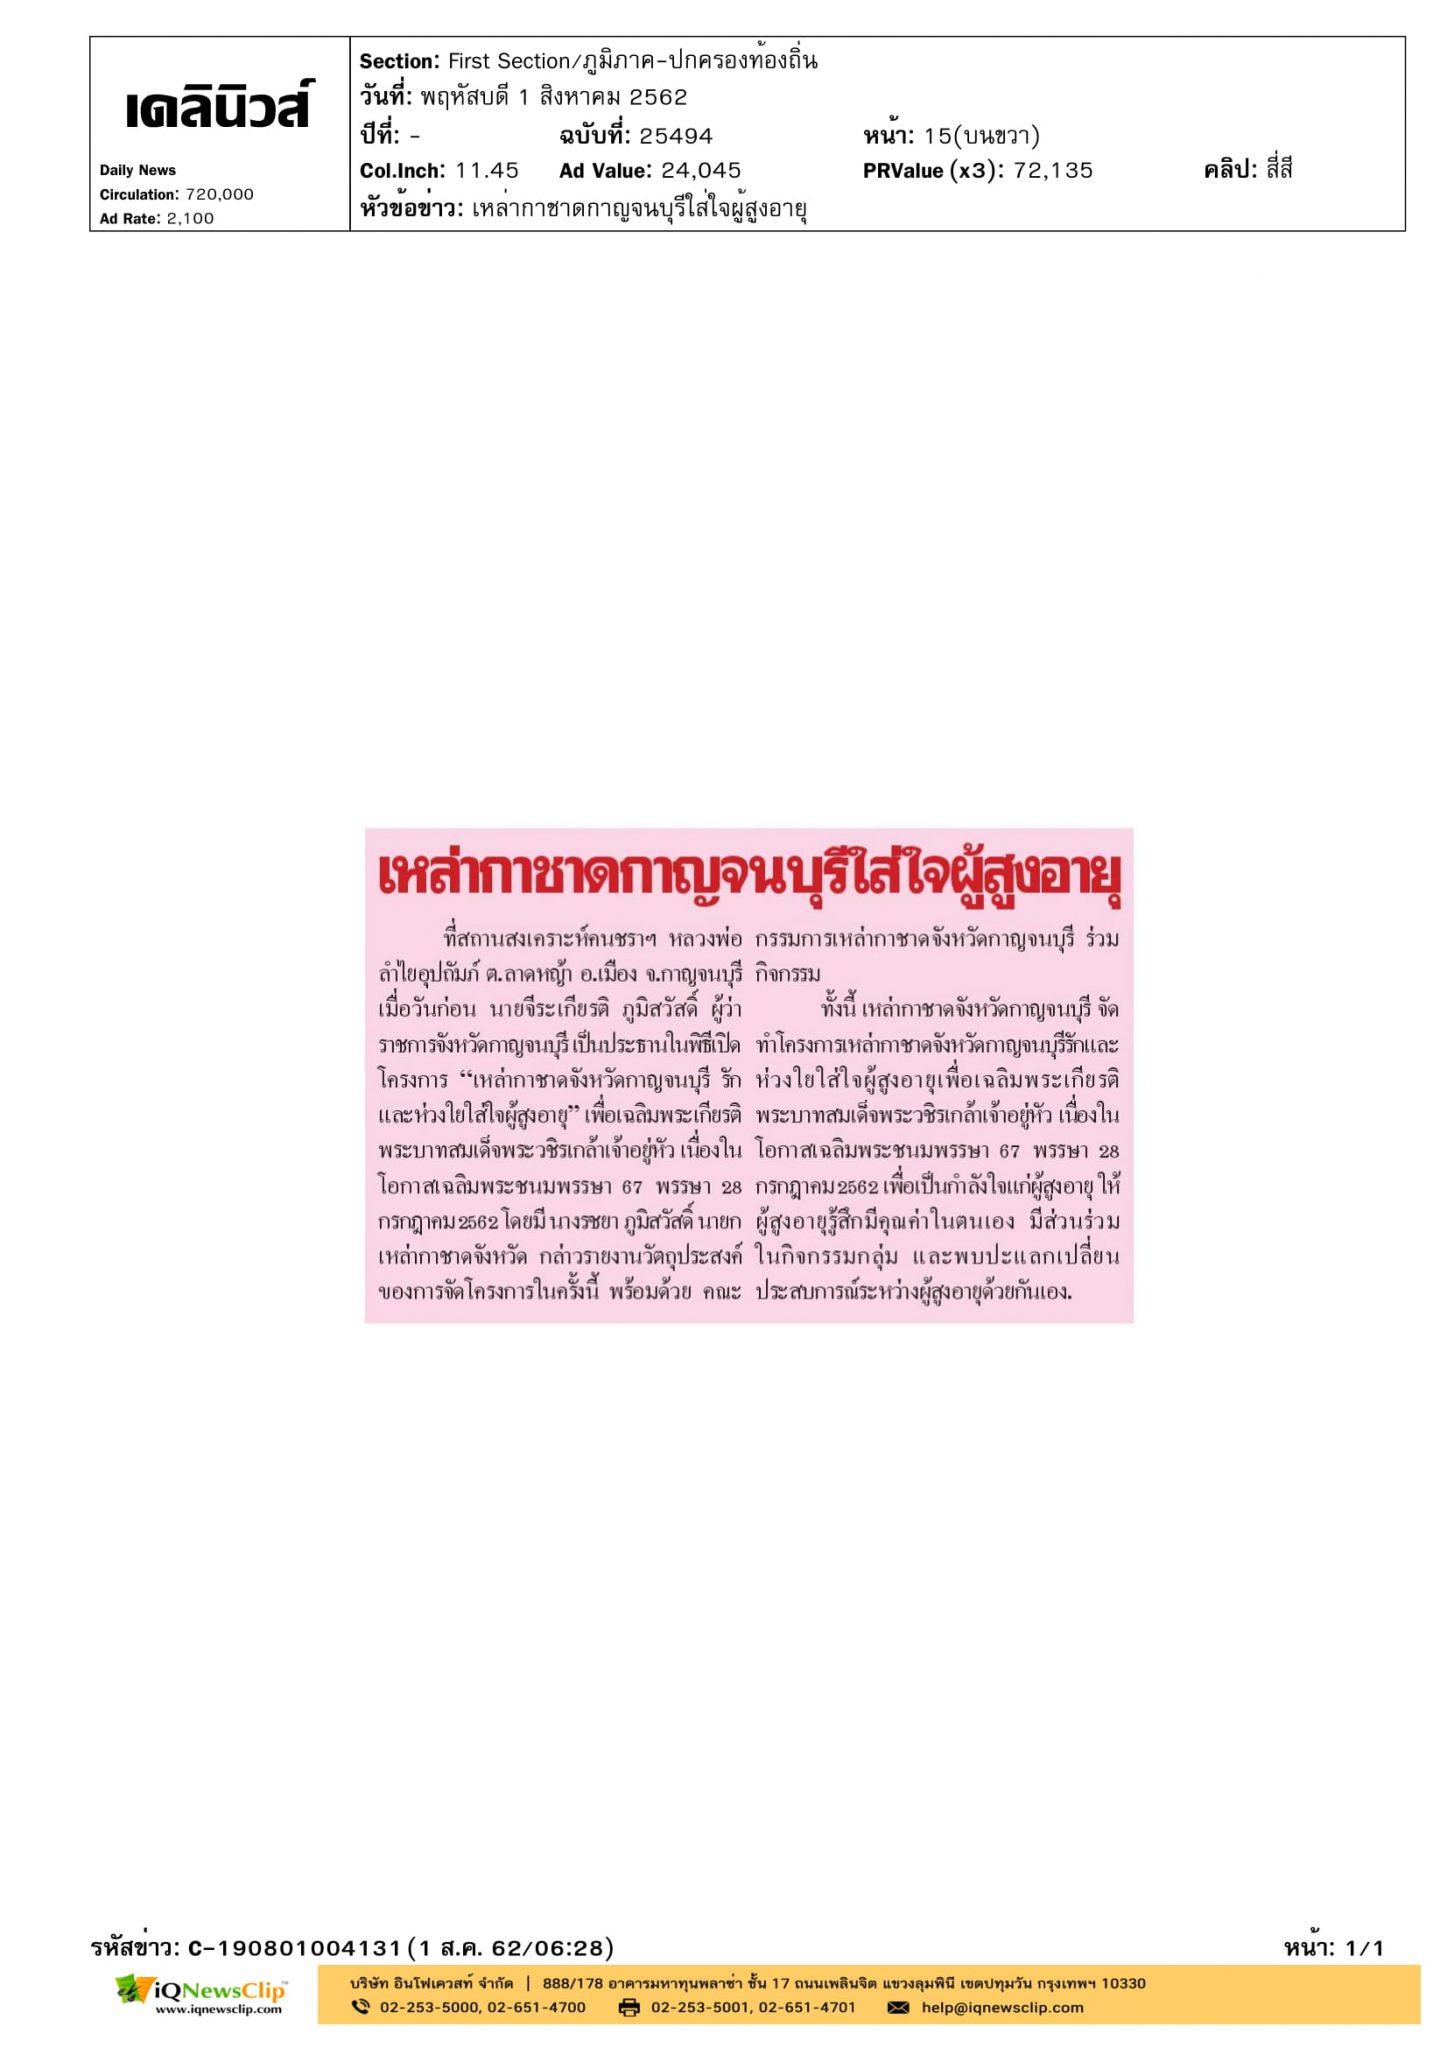 """โครงการ""""เหล่ากาชาดจังหวัดกาญจนบุรี รักและห่วงใยใส่ใจผู้สูงอายุ"""""""